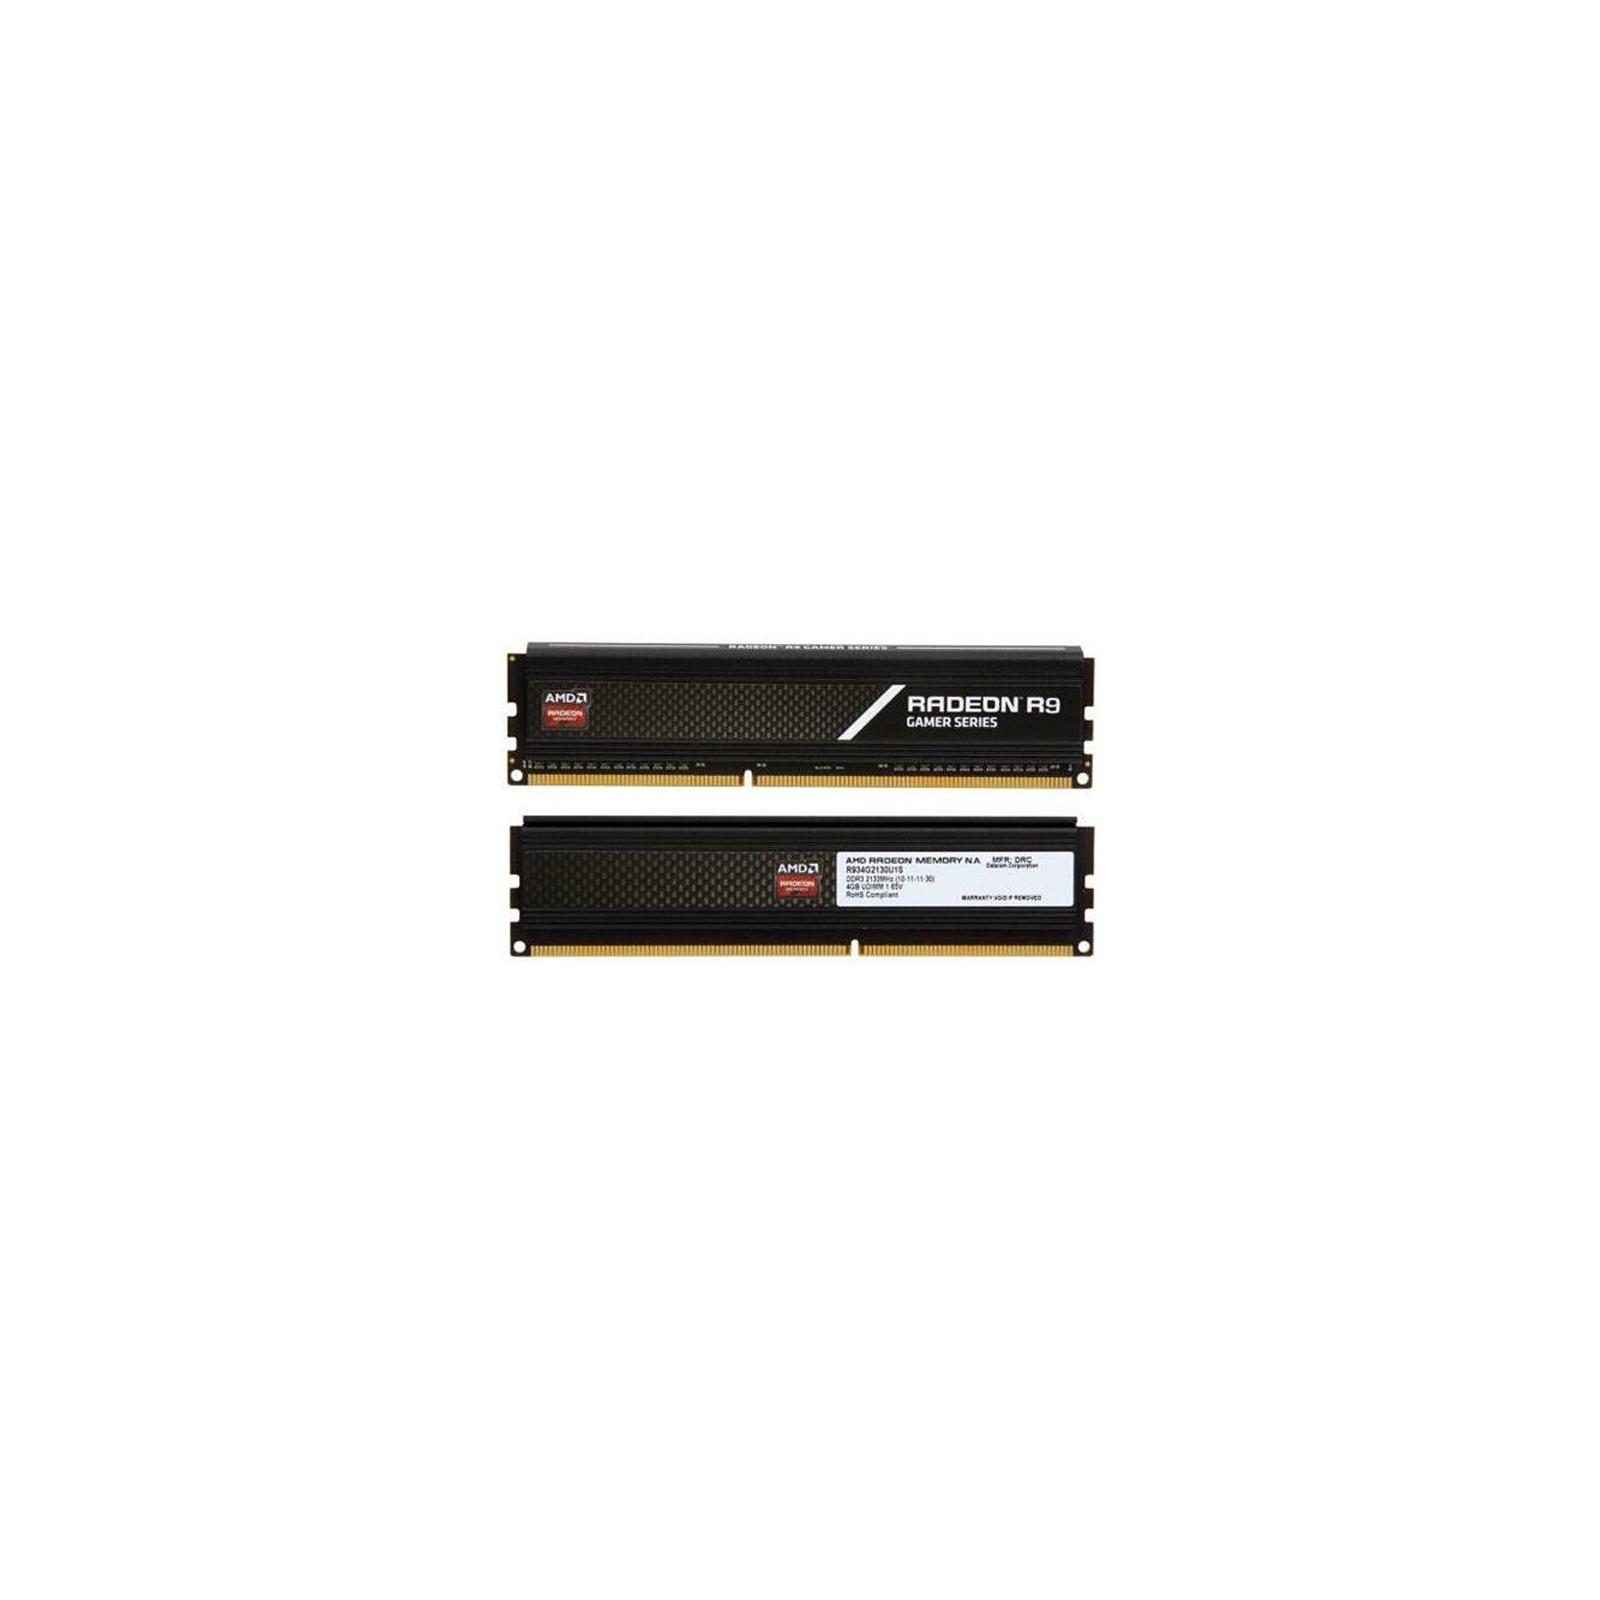 Модуль памяти для компьютера DDR3 8GB (2x4GB) 2133 MHz AMD (R938G2130U1K)